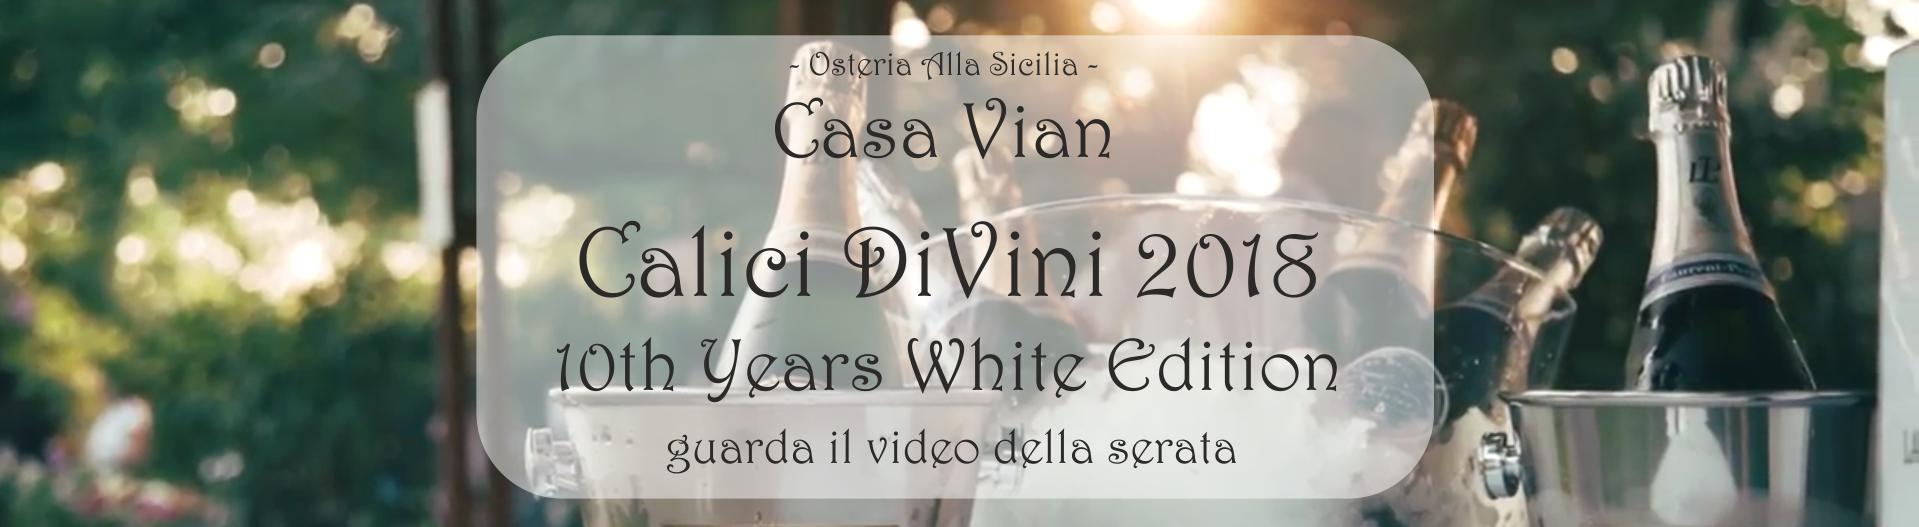 <a href='http://www.allasicilia.it/calici-divini-2018/'></a>